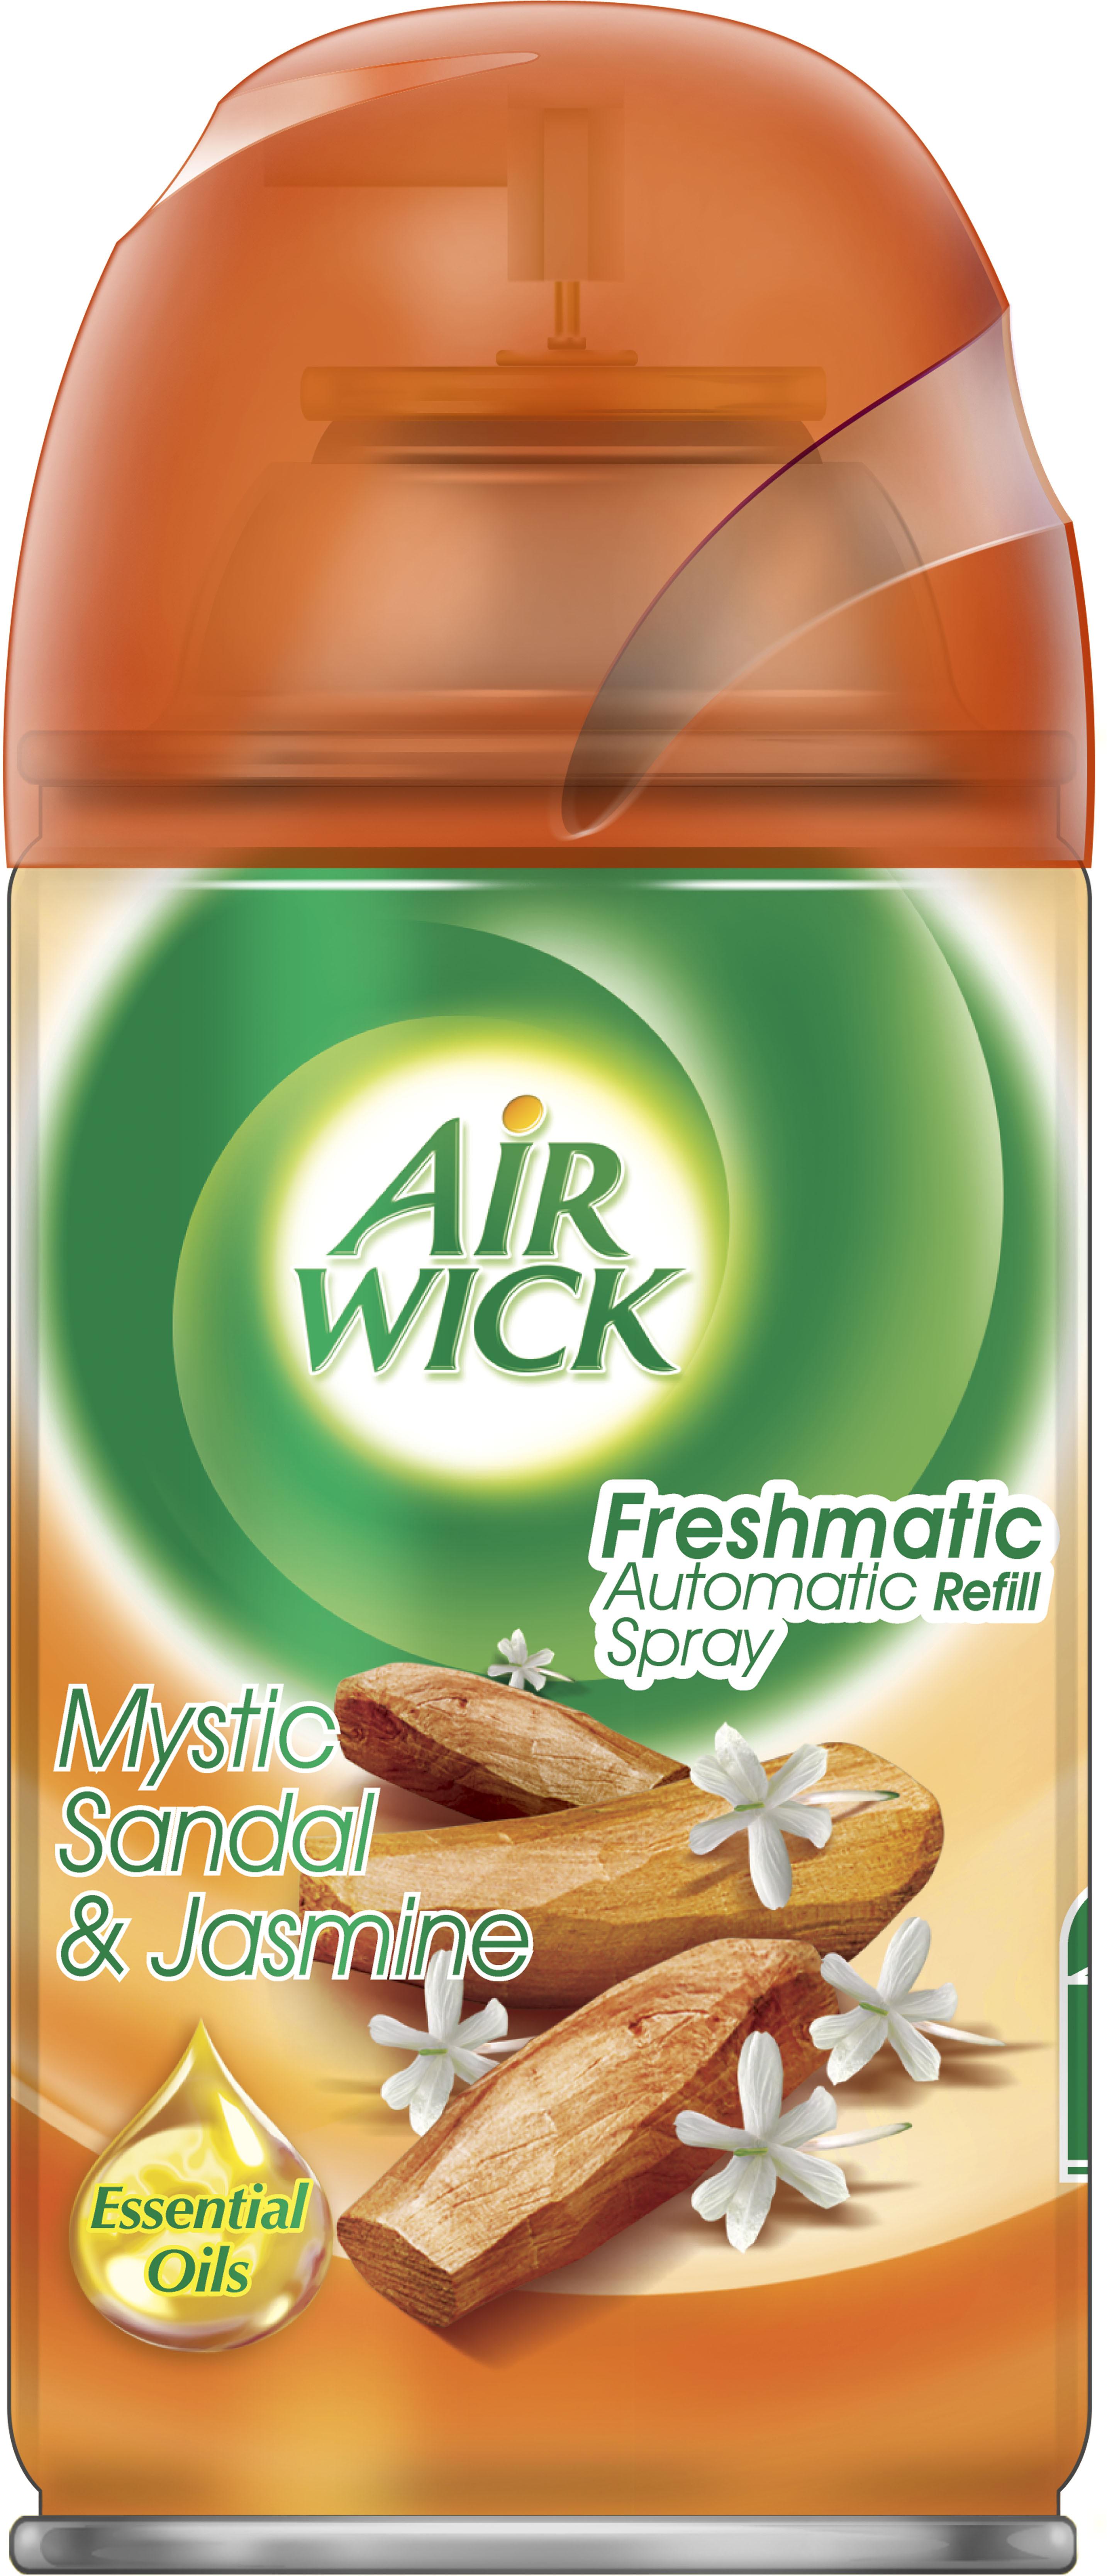 Coupons air wick freshmatic